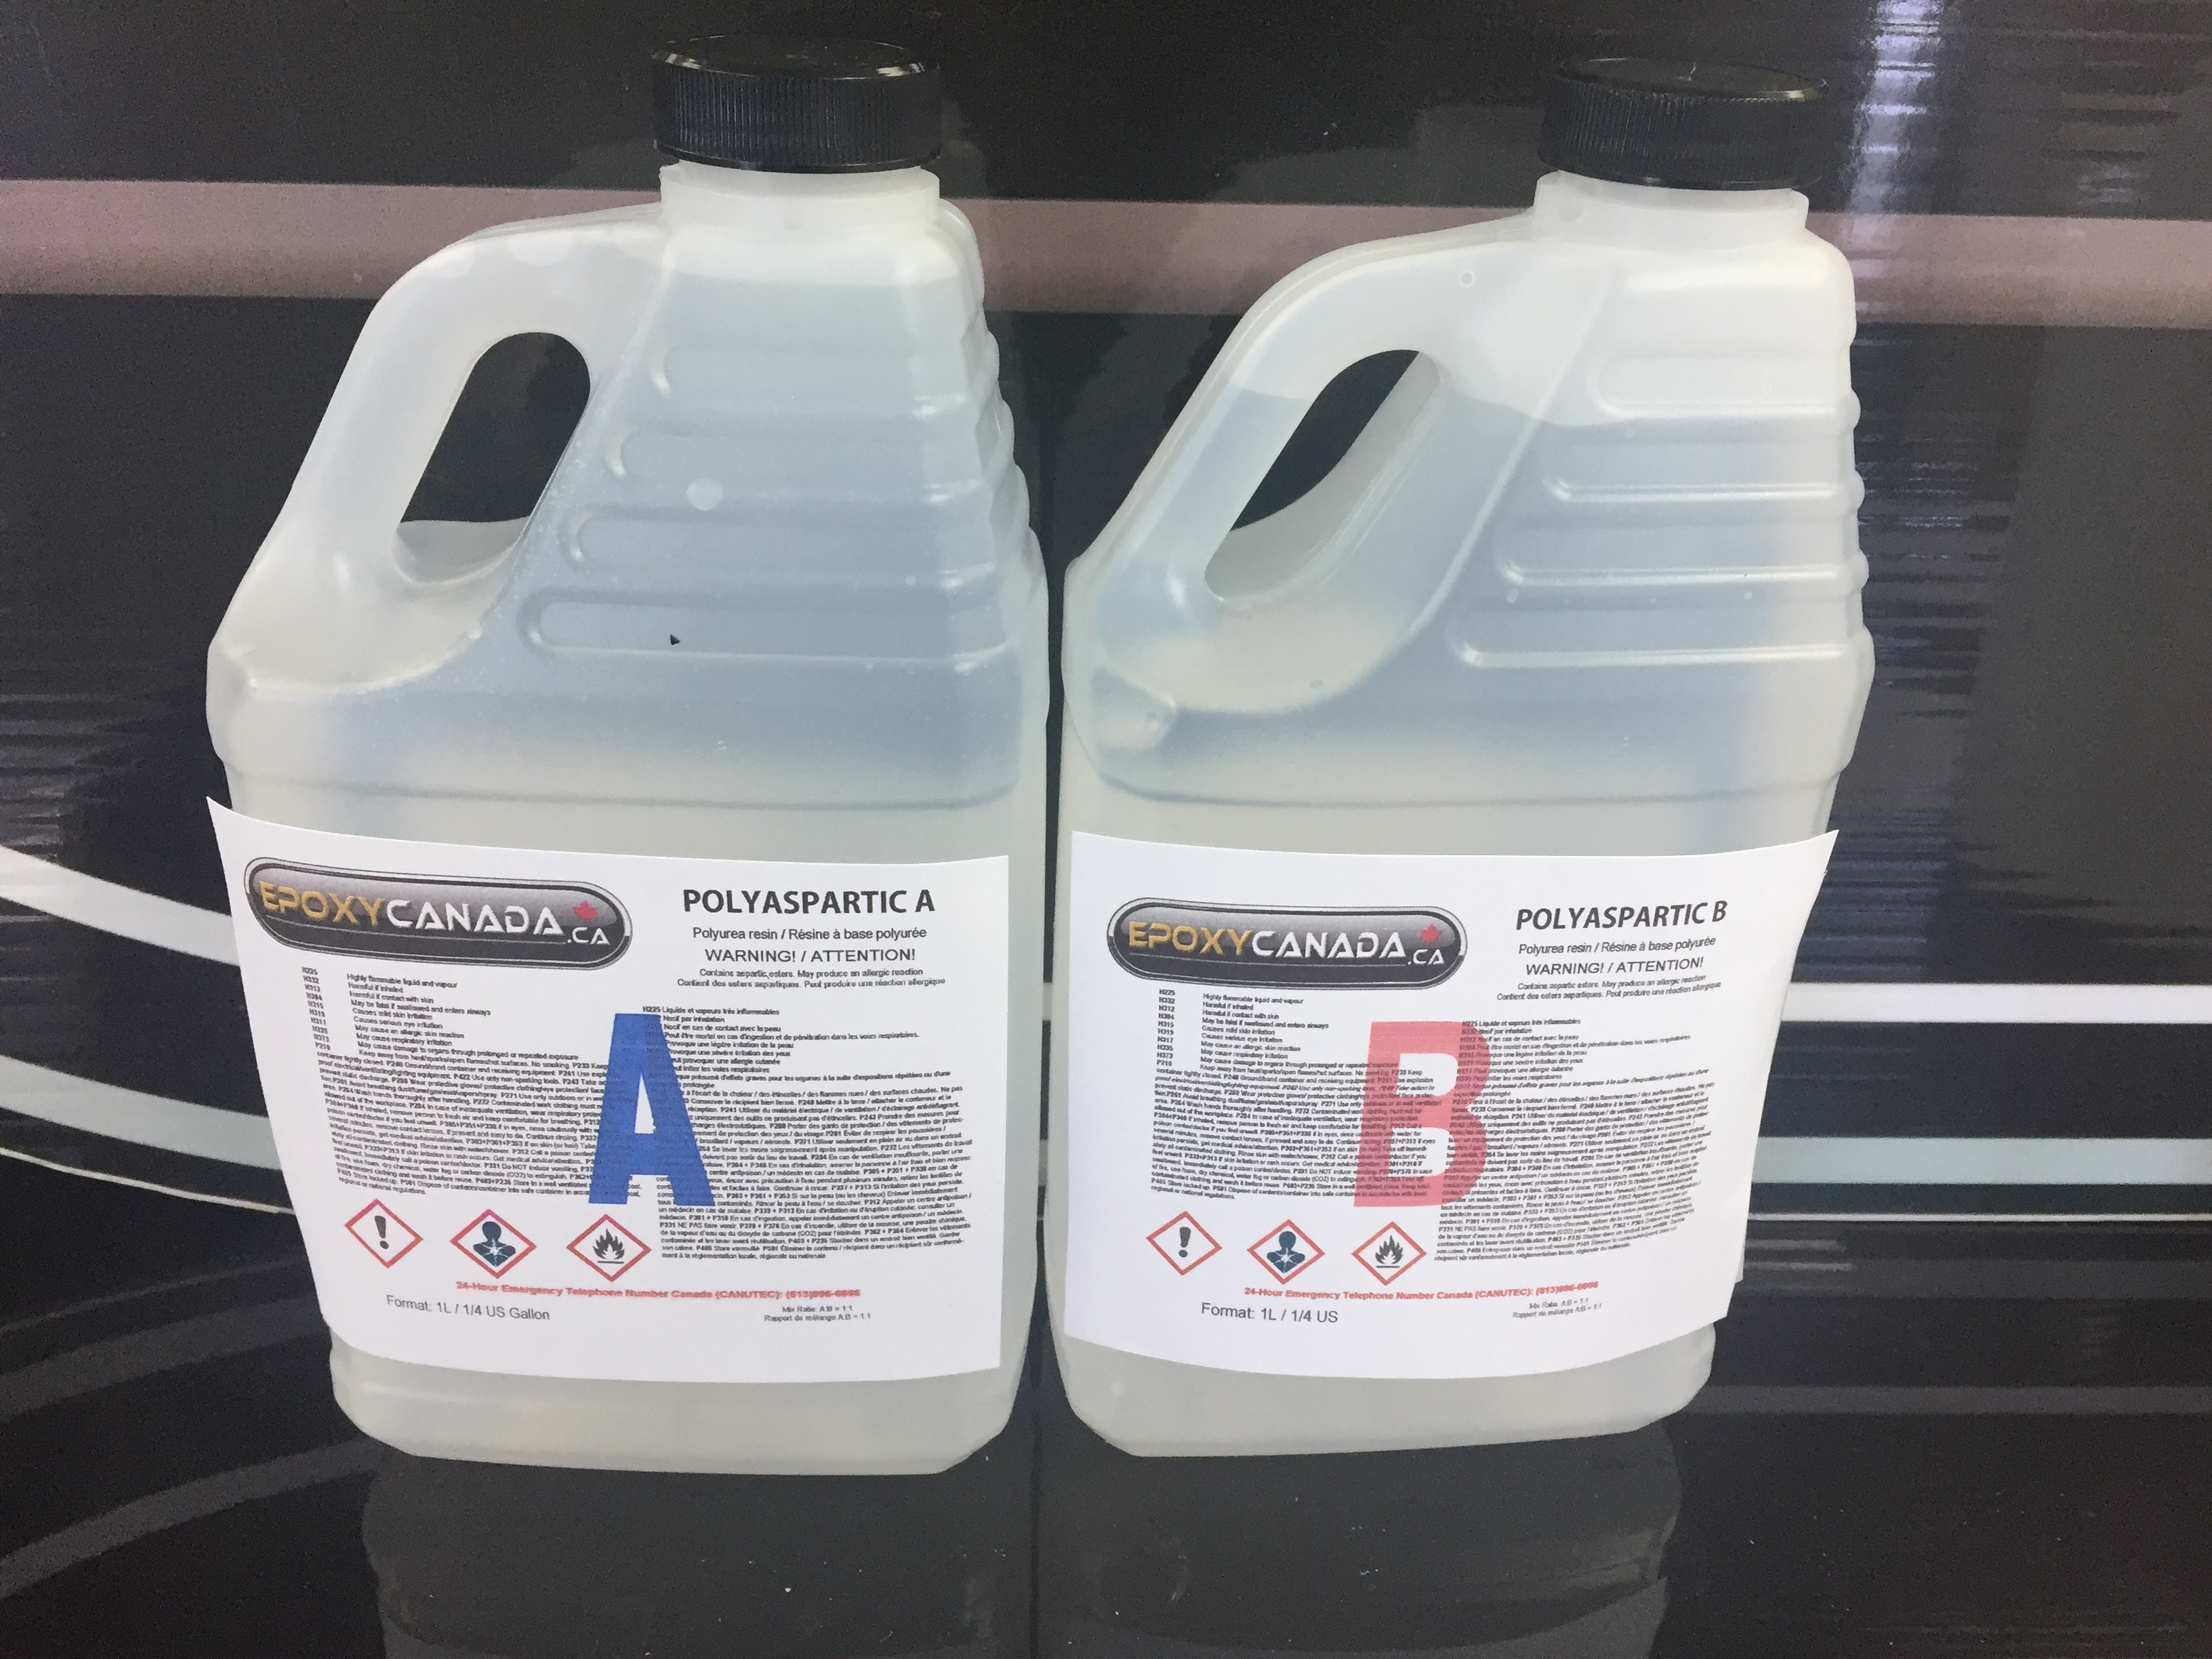 Polyaspartic resin/Résine polyaspartique 1/2 US GALLON (1.89) 00002